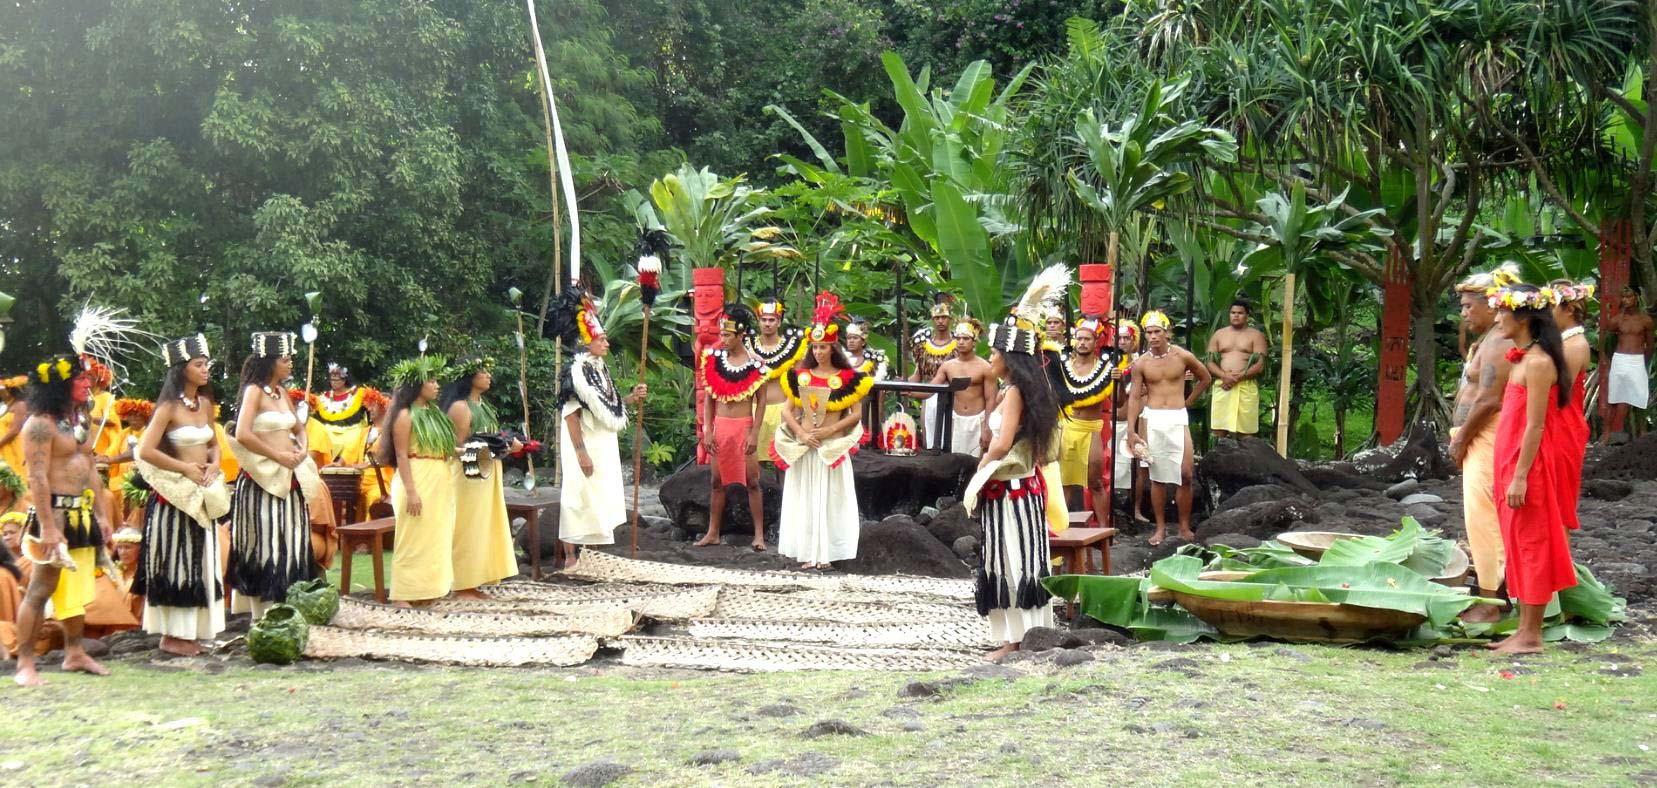 Fig. 17. Reconstitution d'une cérémonie traditionnelle pour touristes. Les deux femmes de gauche portent les habits les plus proches des stéréotypes traditionnels. Des tapa sont disposés sur le sol (photo).